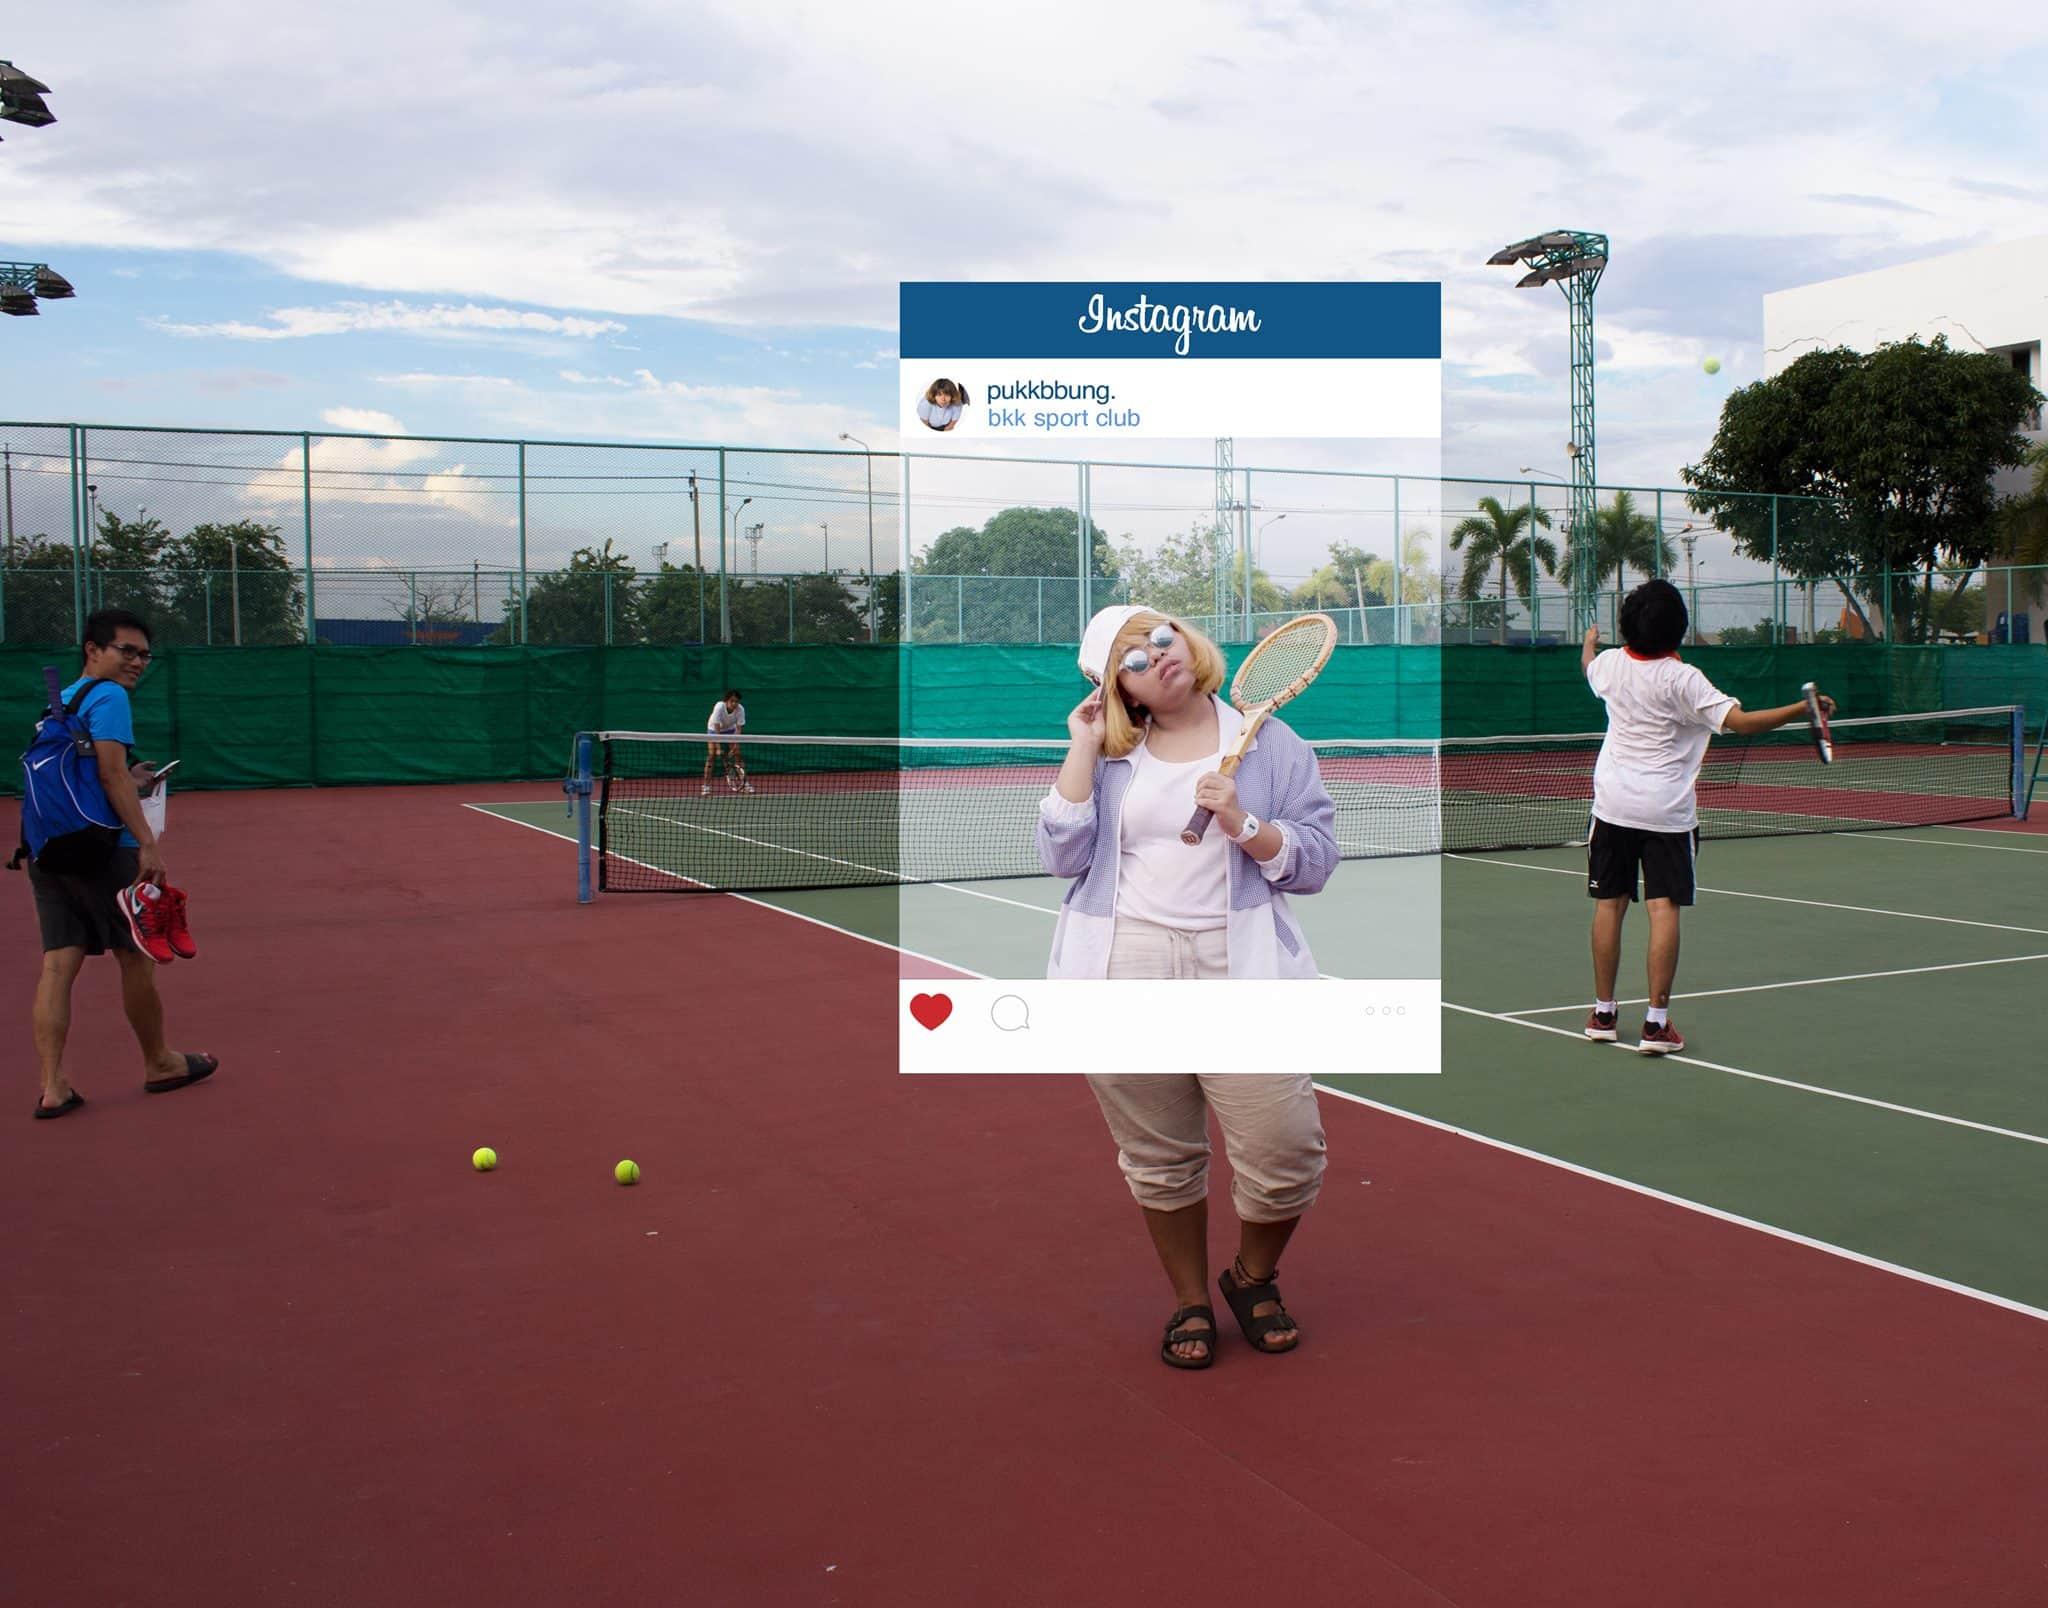 behind instagram photos 1